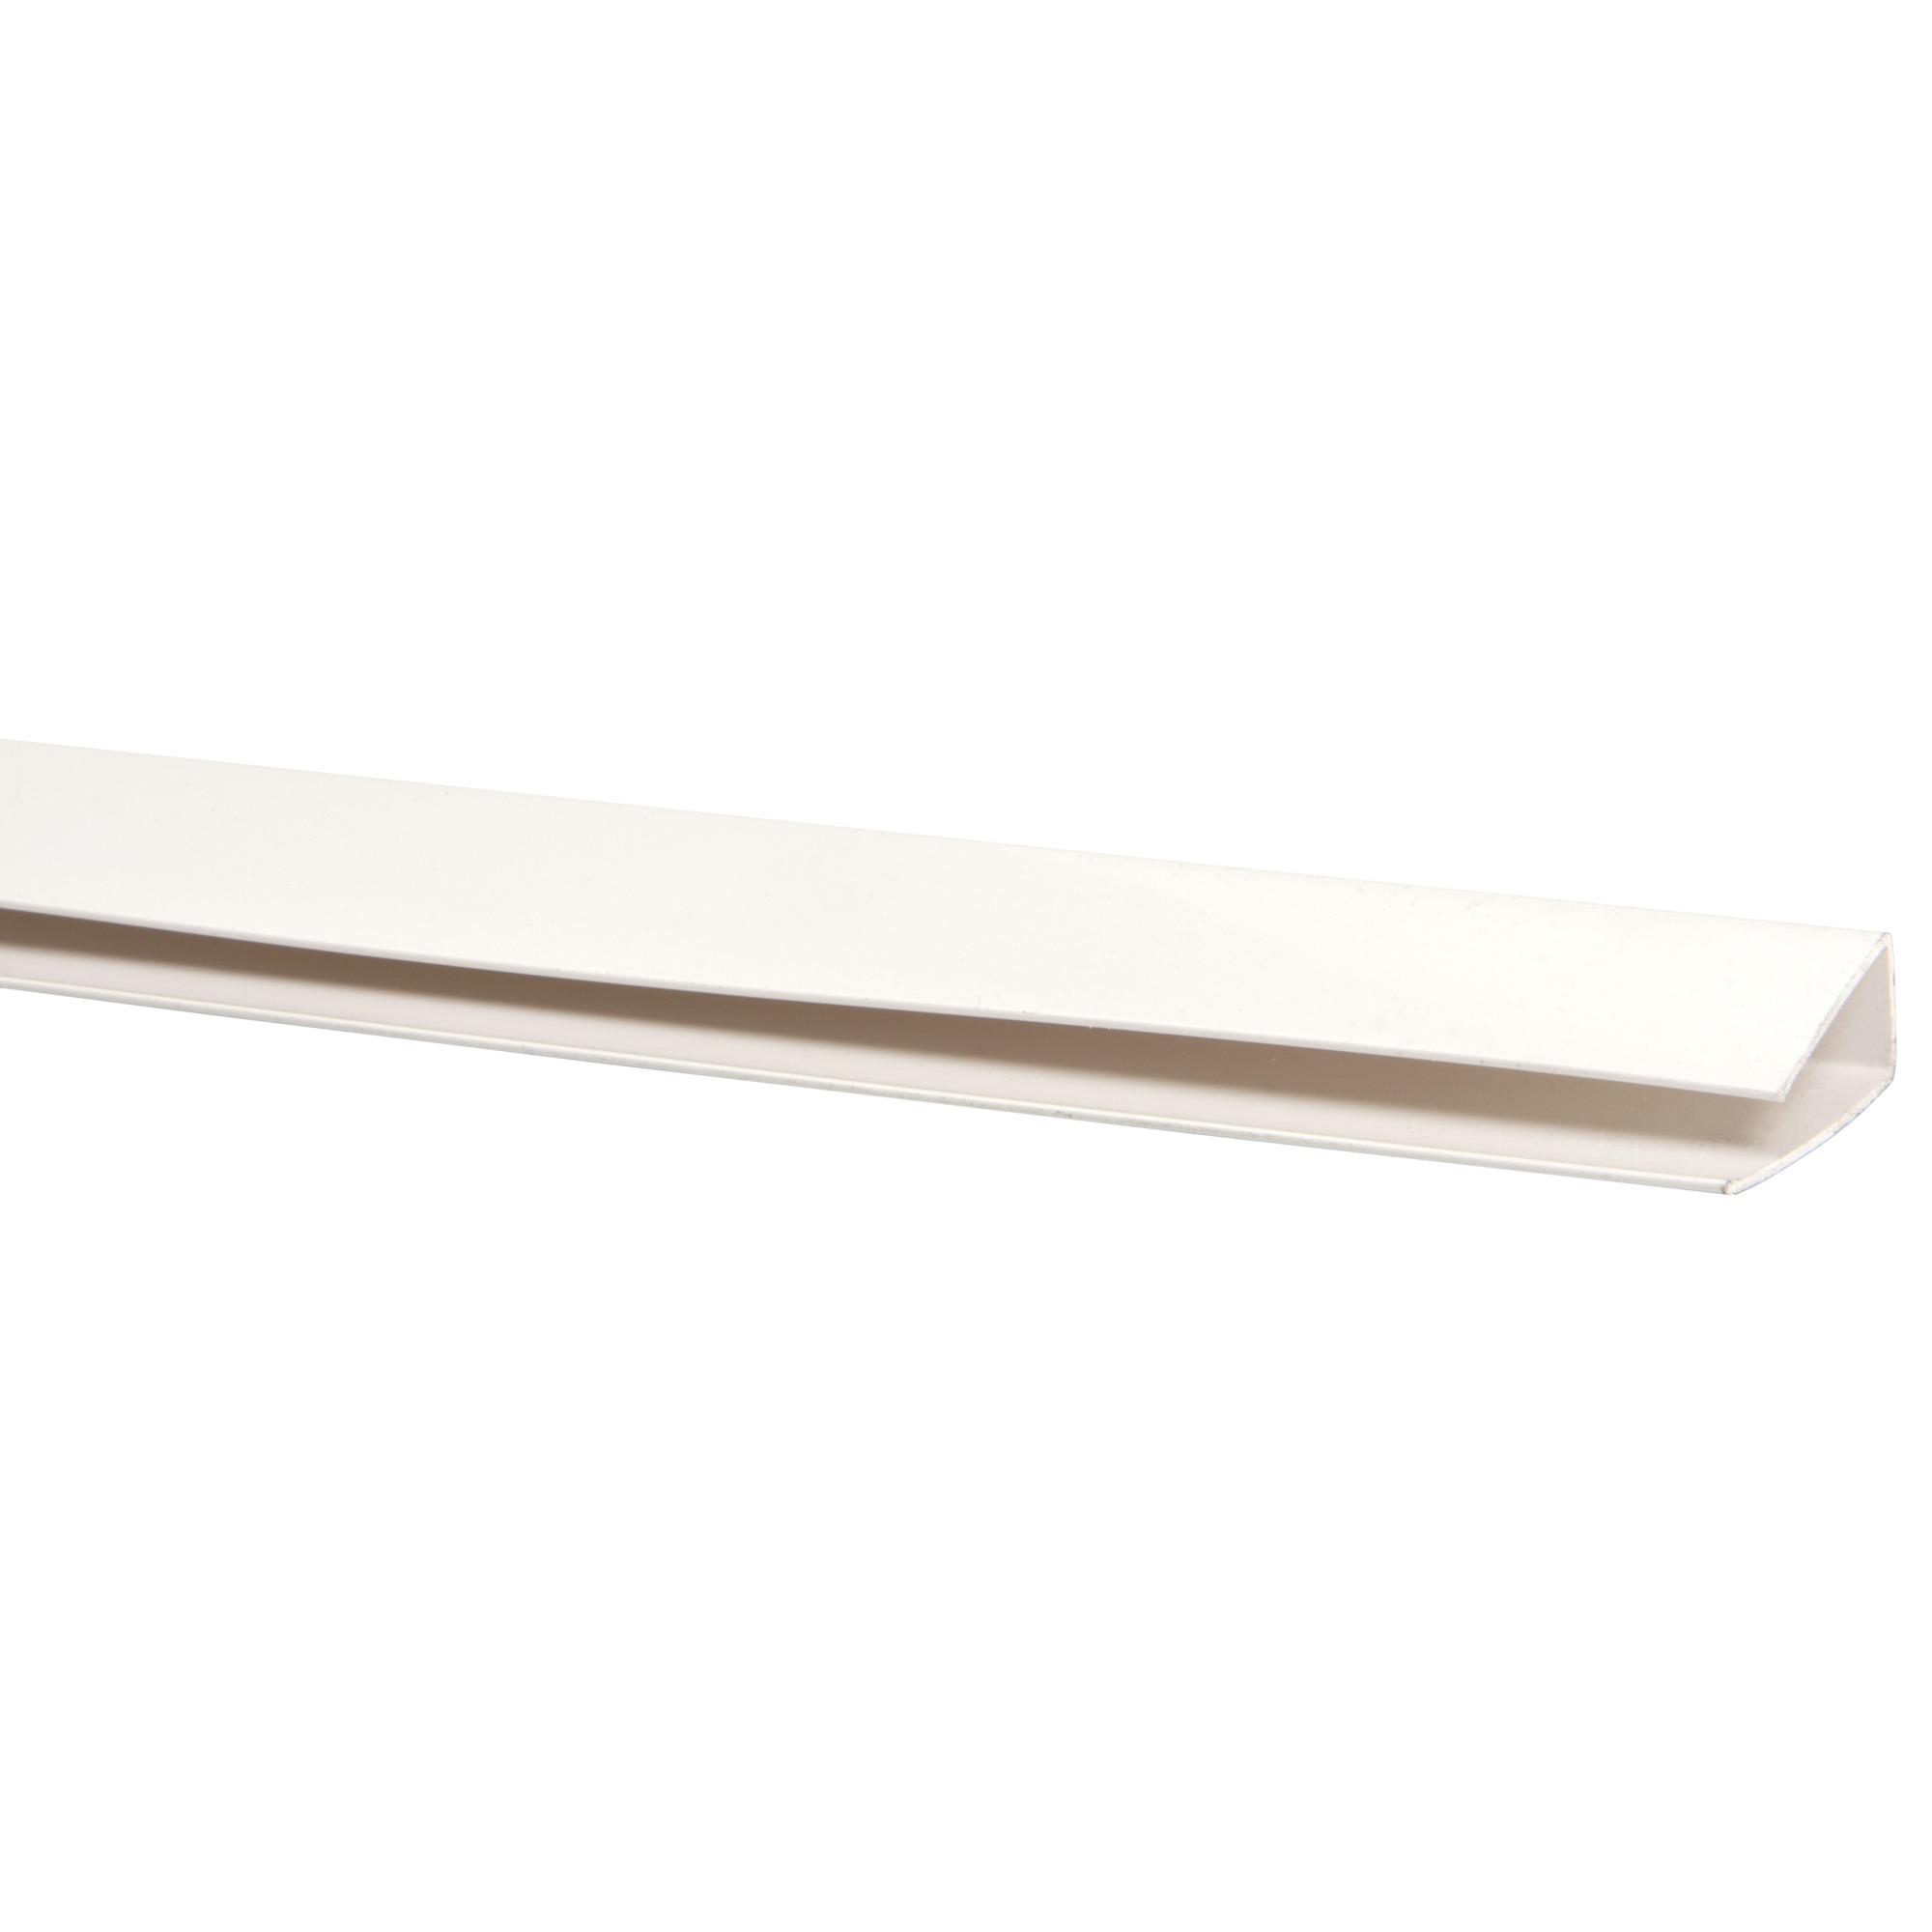 profil de d part 270 cm blanc cr me profil s en. Black Bedroom Furniture Sets. Home Design Ideas